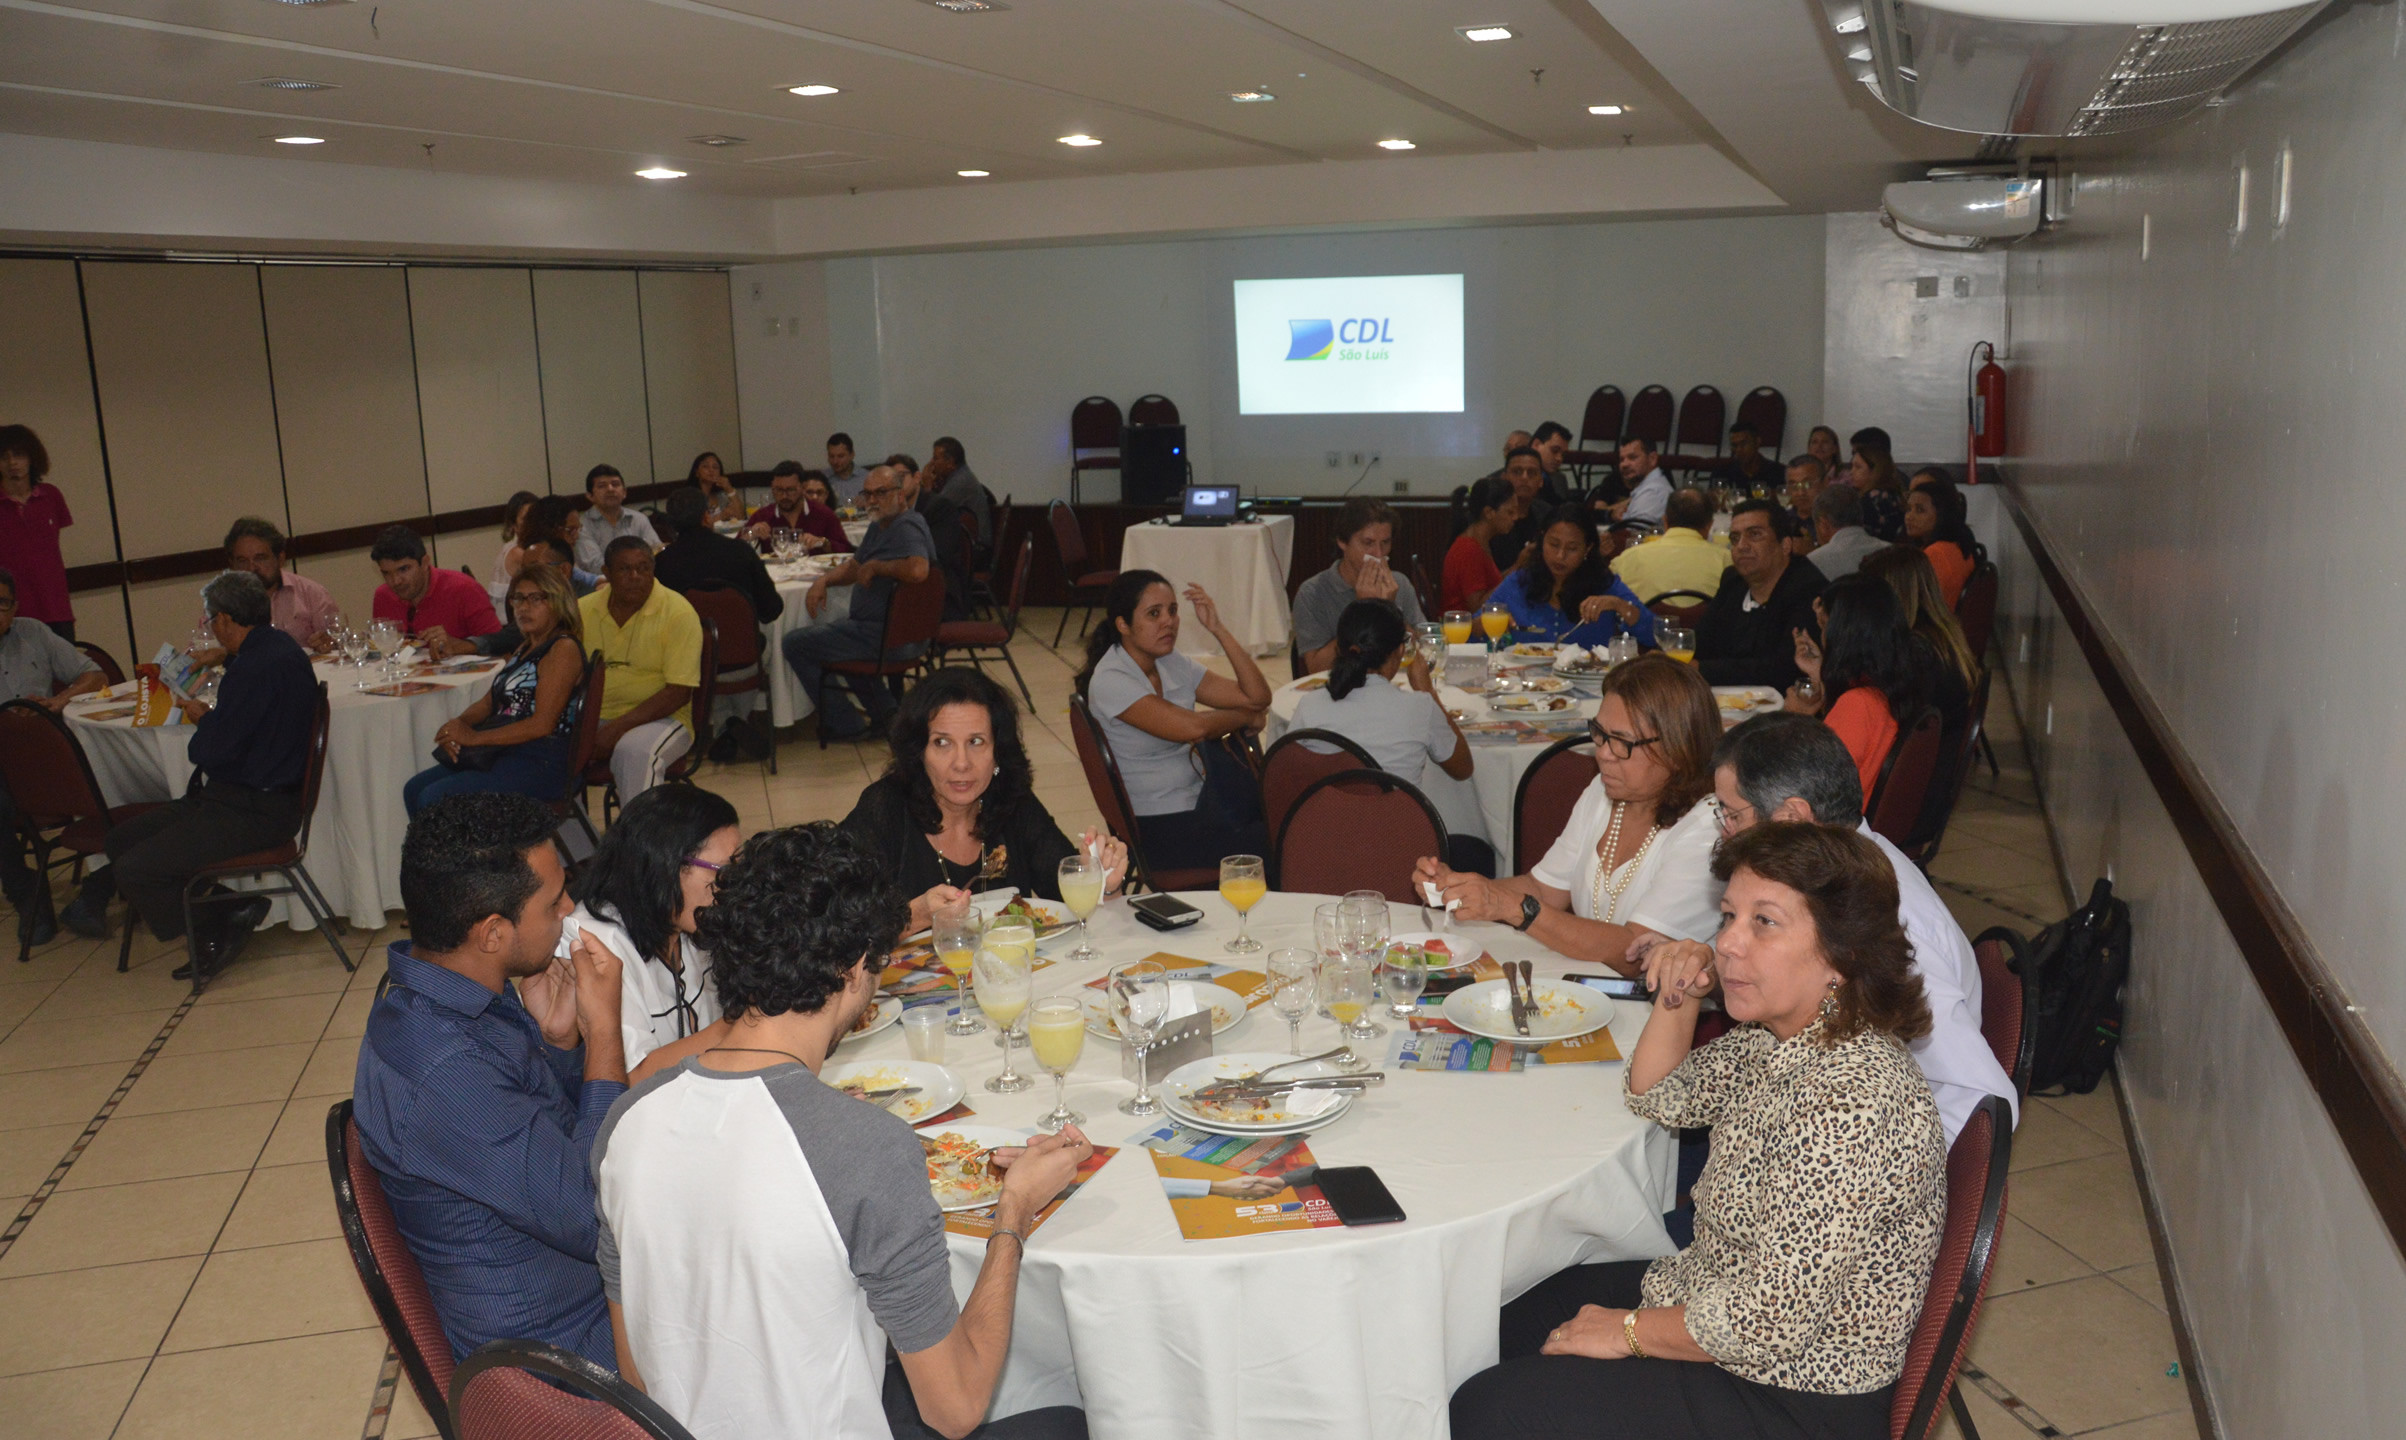 Associados da CDL e convidados lotaram a plenária no Grand Hotel São Luís.